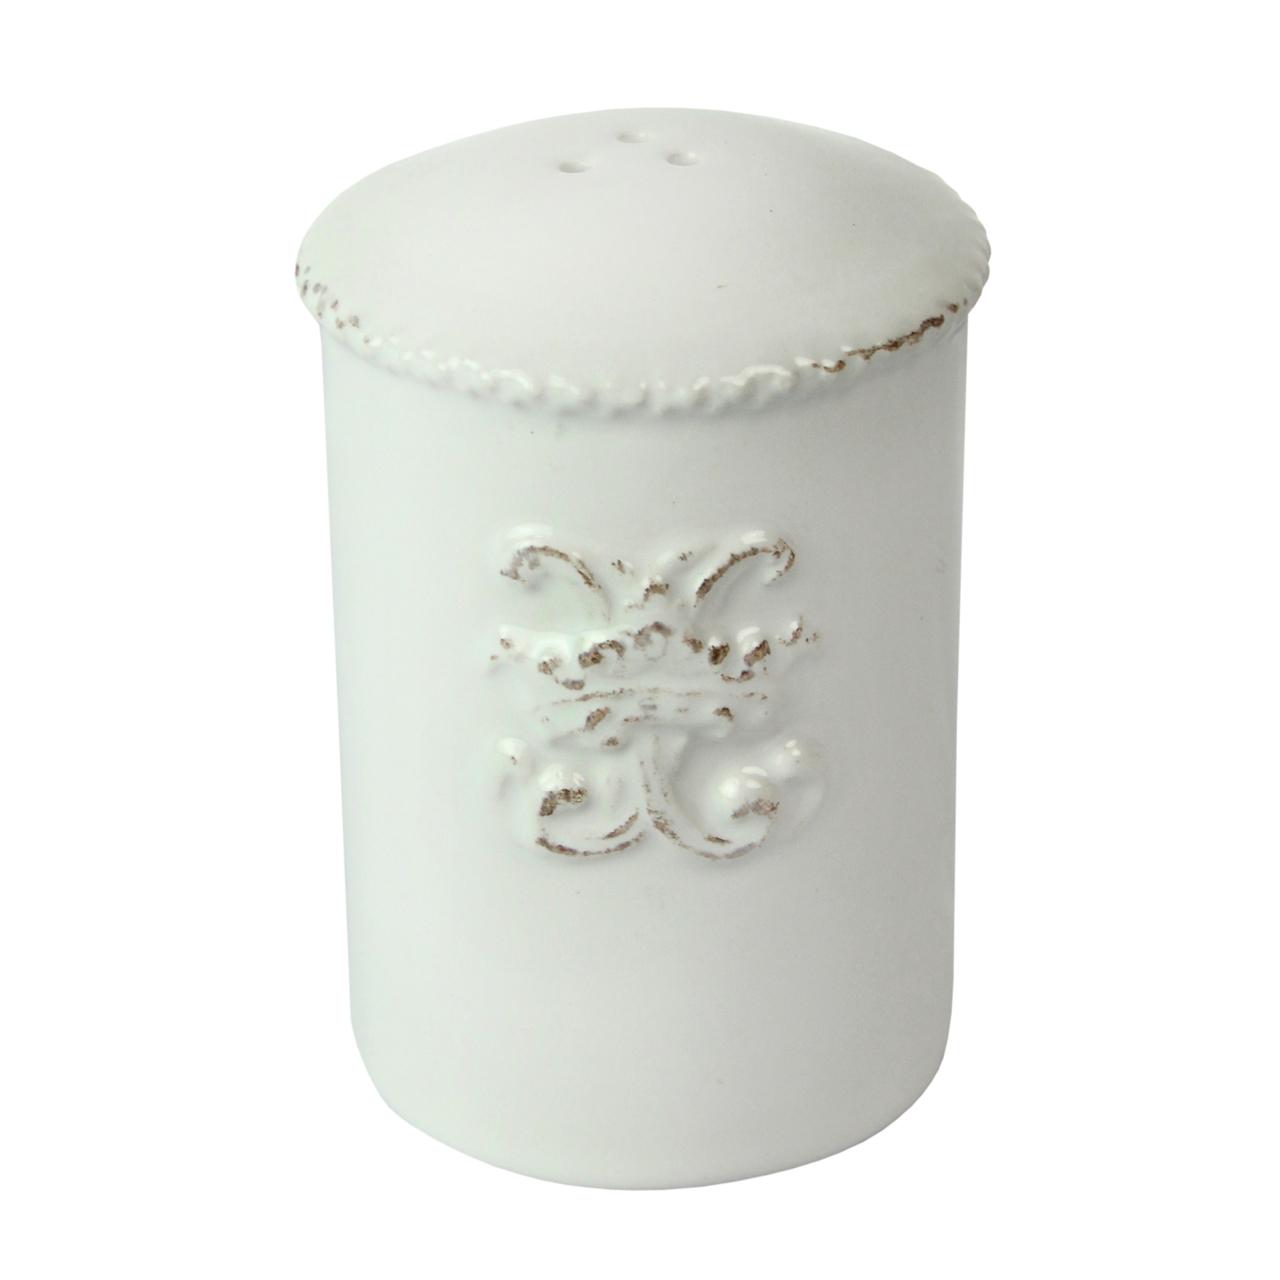 Solnita Din Ceramica Alba 8 Cm